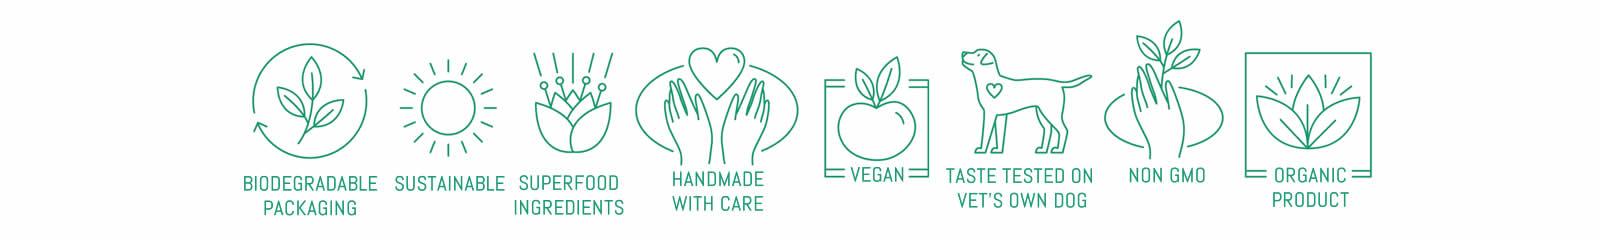 vegan dog food symbols -sustainable, organic, non GMO